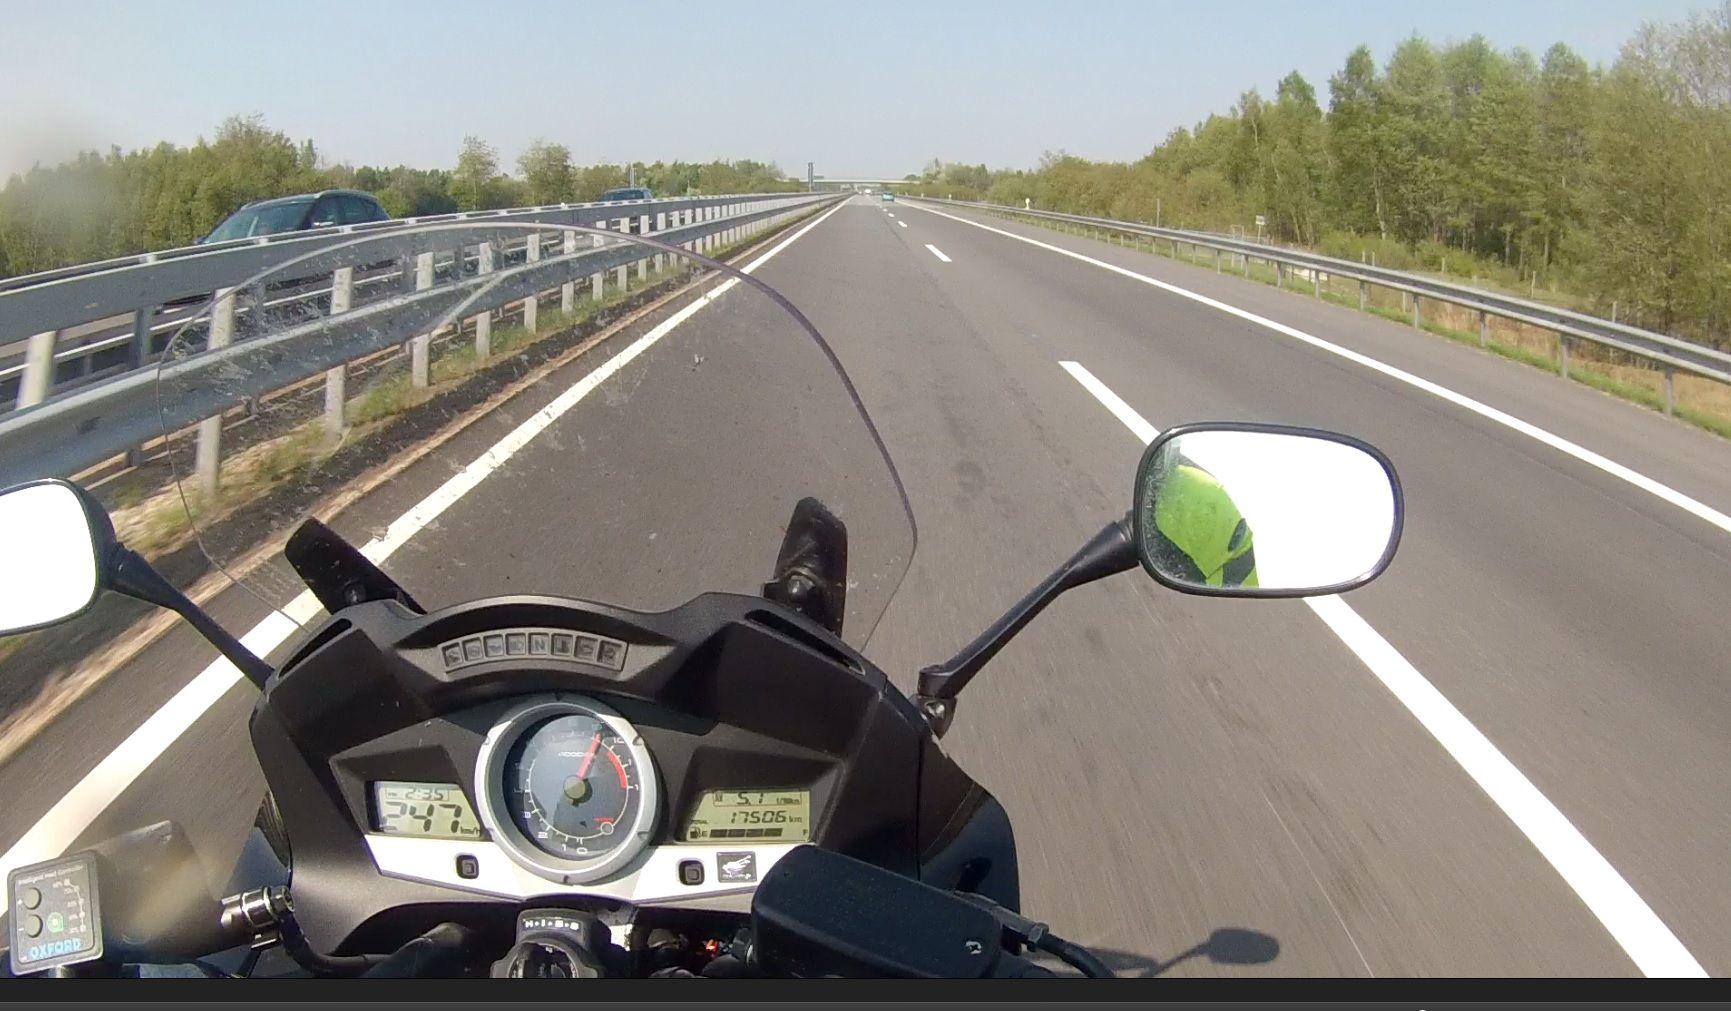 motorscout24 nl